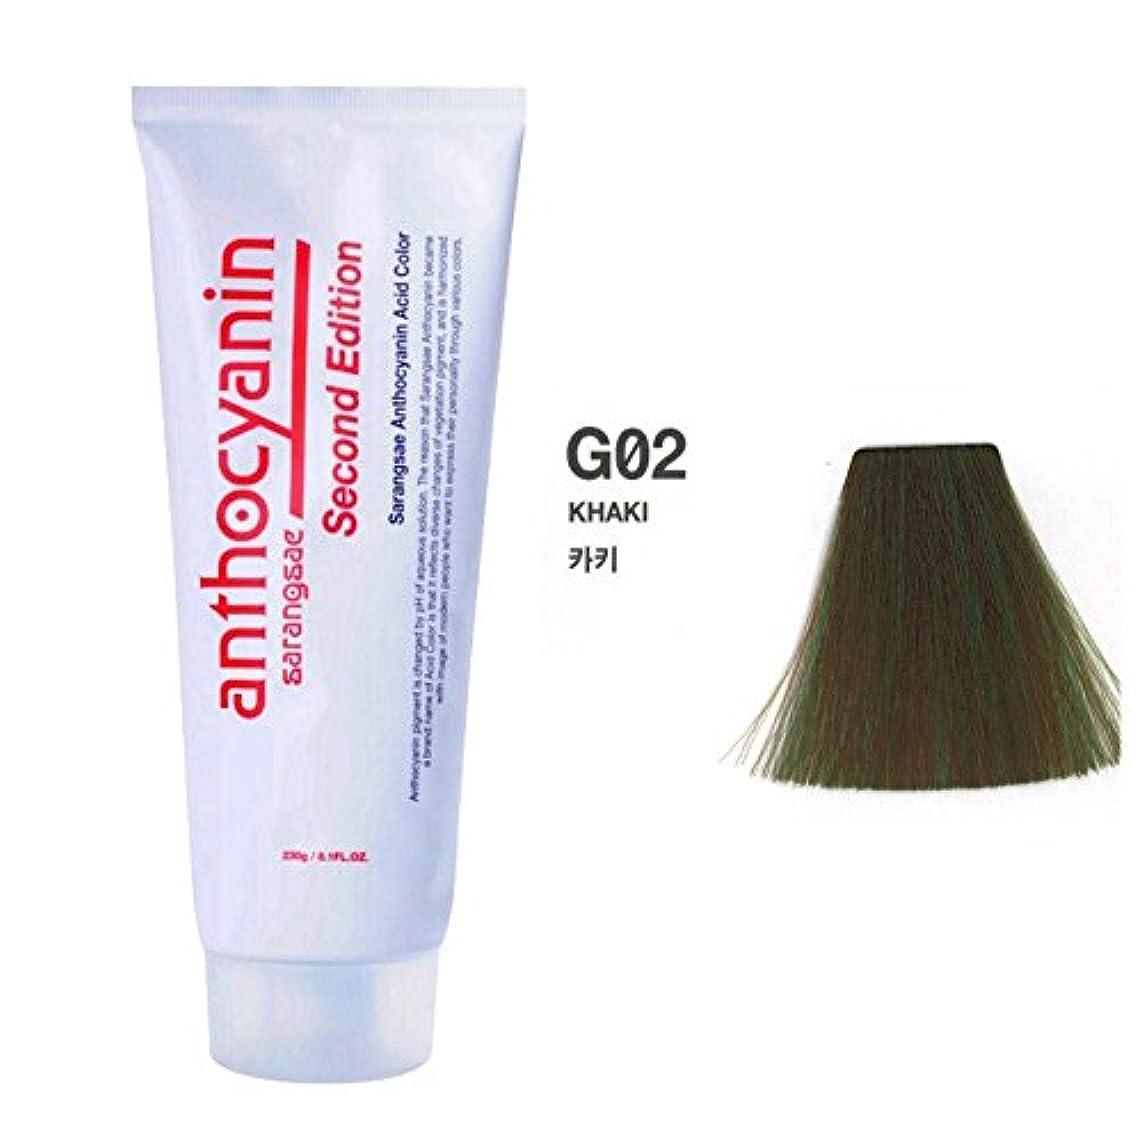 遷移アデレードまっすぐにするヘア マニキュア カラー セカンド エディション 230g セミ パーマネント 染毛剤 (Hair Manicure Color Second Edition 230g Semi Permanent Hair Dye) [並行輸入品] (G02 Khaki)